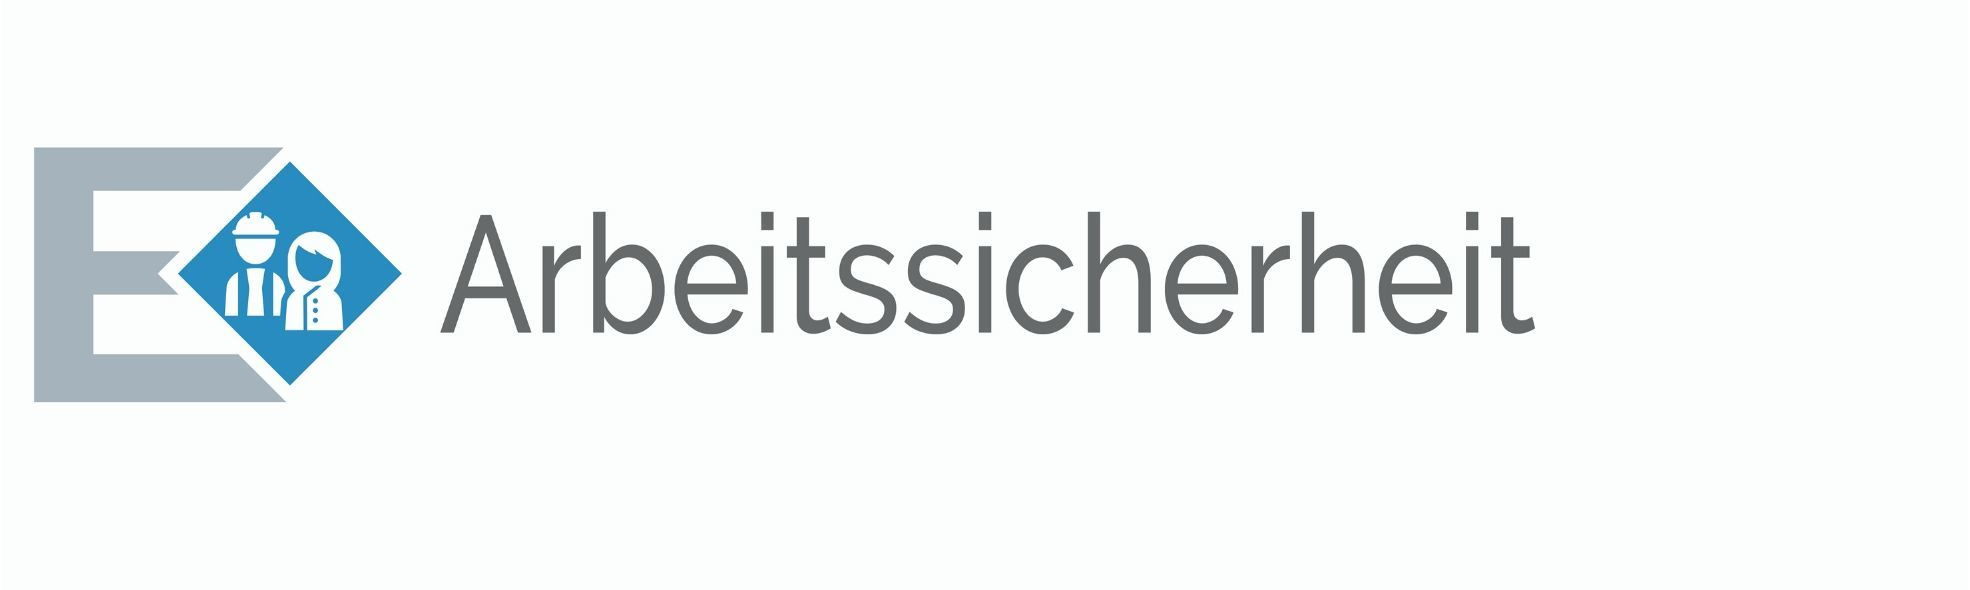 arbeitssicherheit-aus-heinsberg-ueber-die-euregio-im-gesamten-bundesgebiet